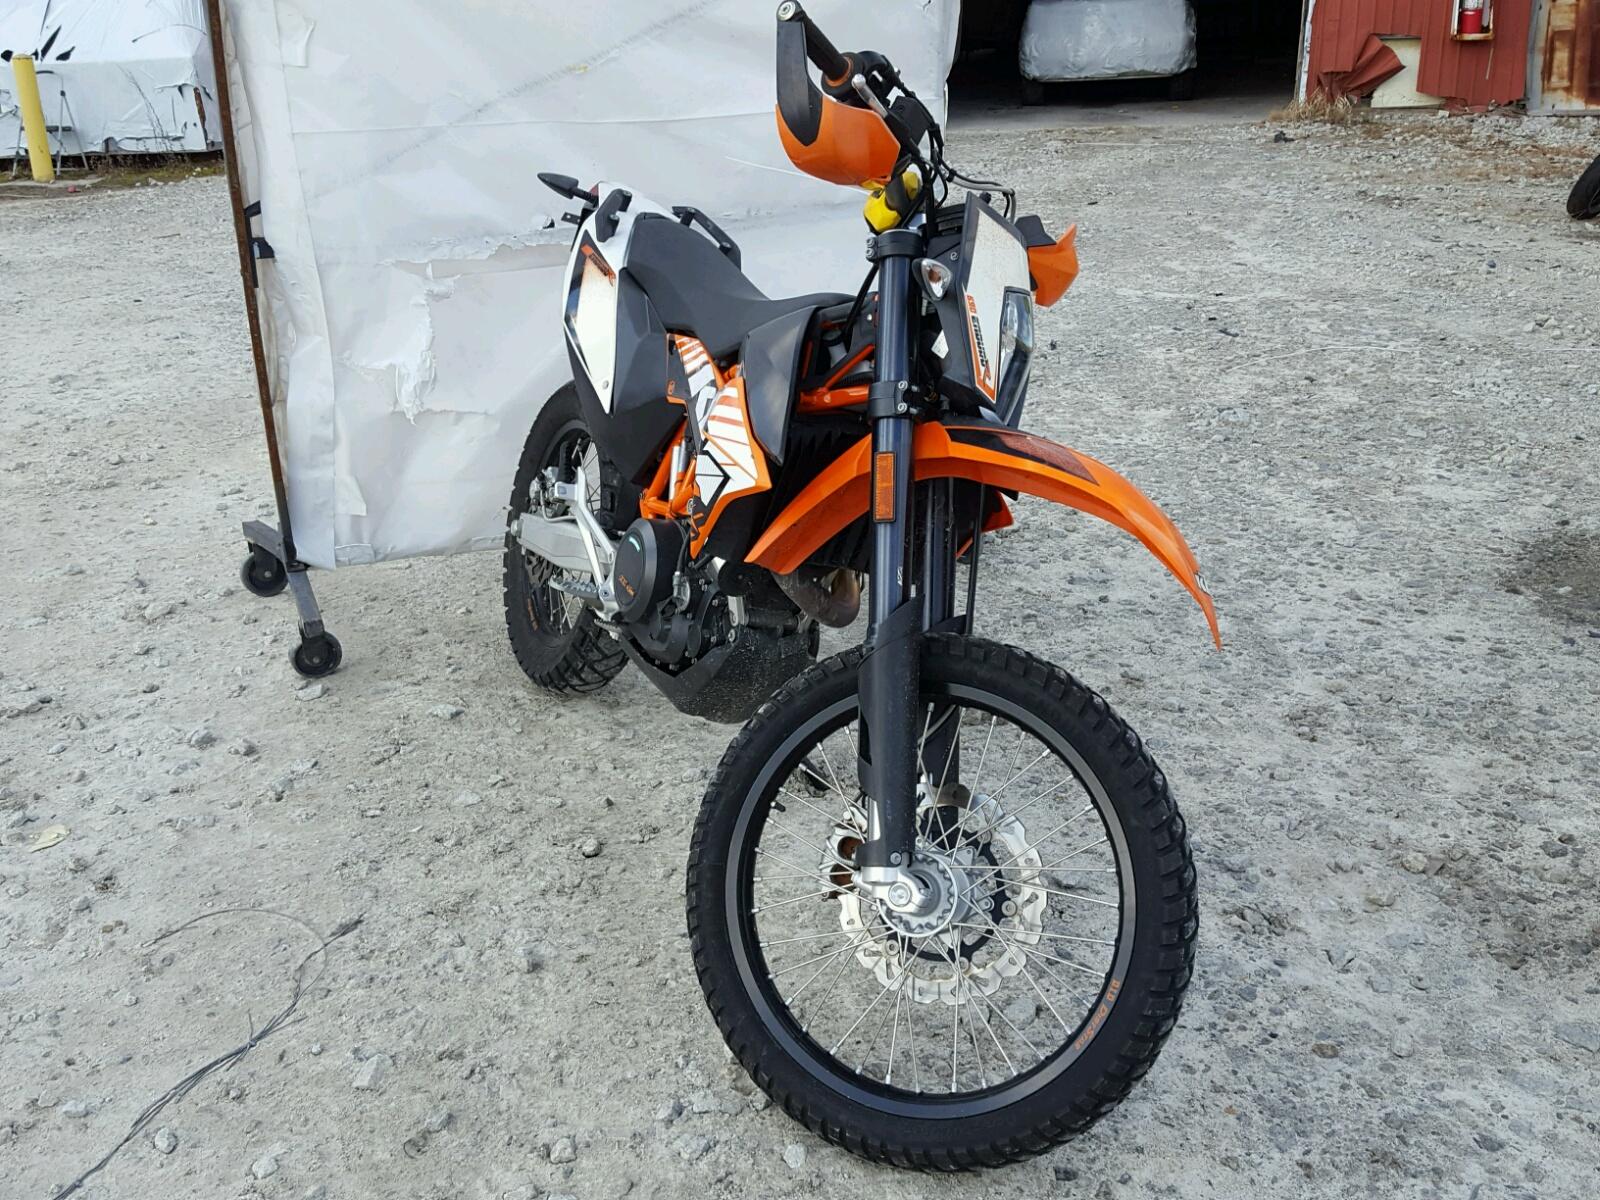 2012 Ktm 690 Enduro 1